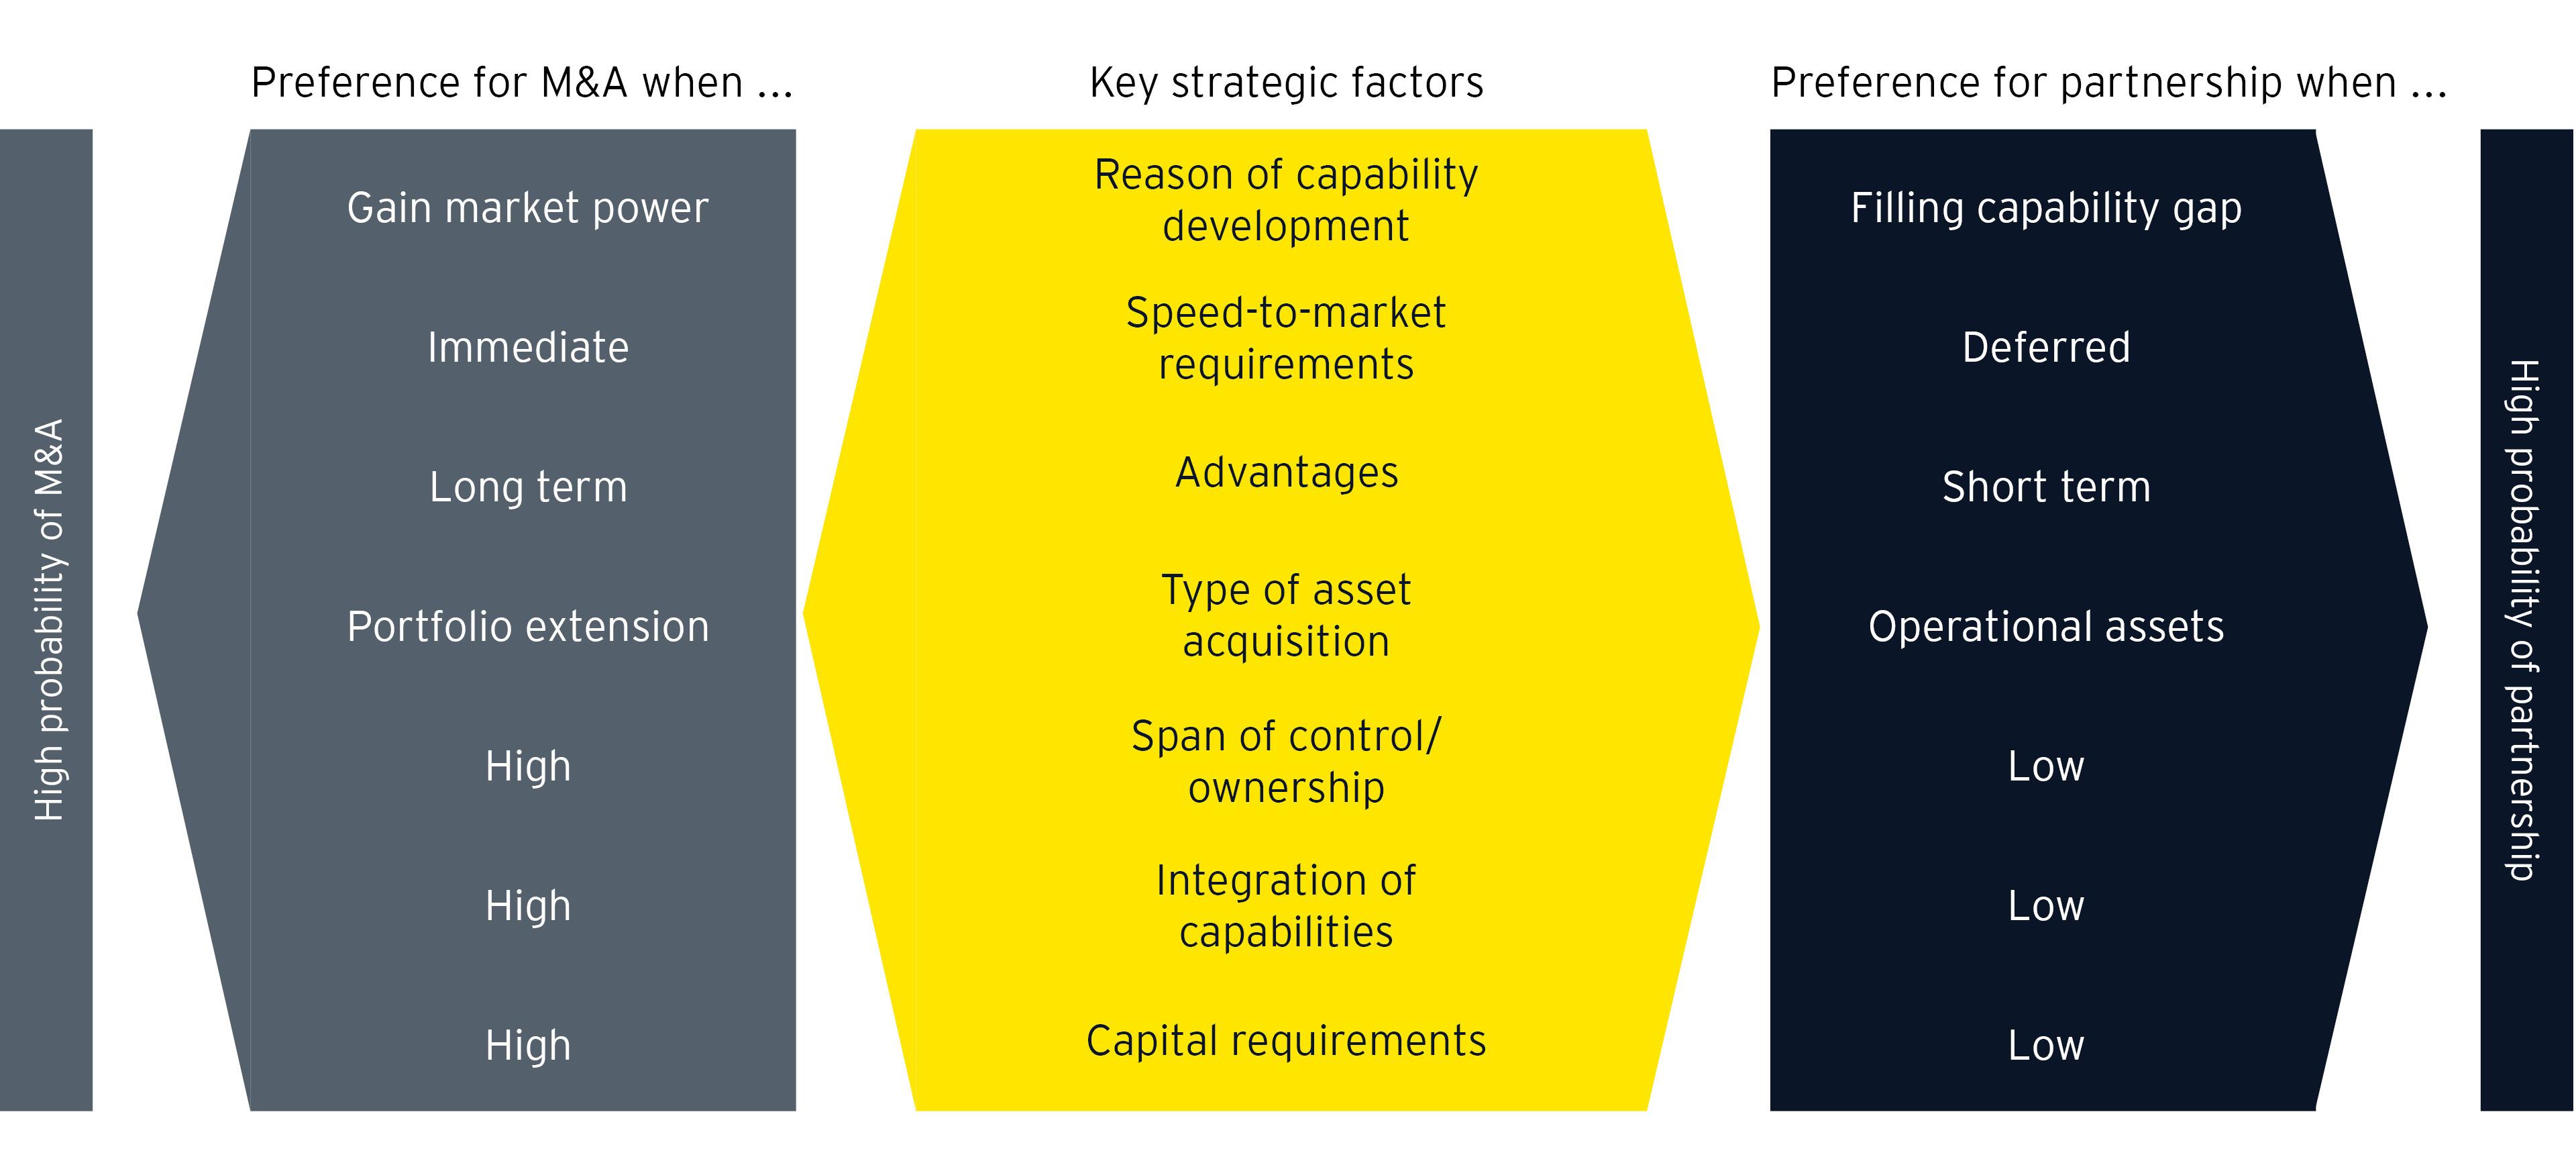 La decisione di acquistare contro i partner richiede alle aziende di considerare diversi fattori